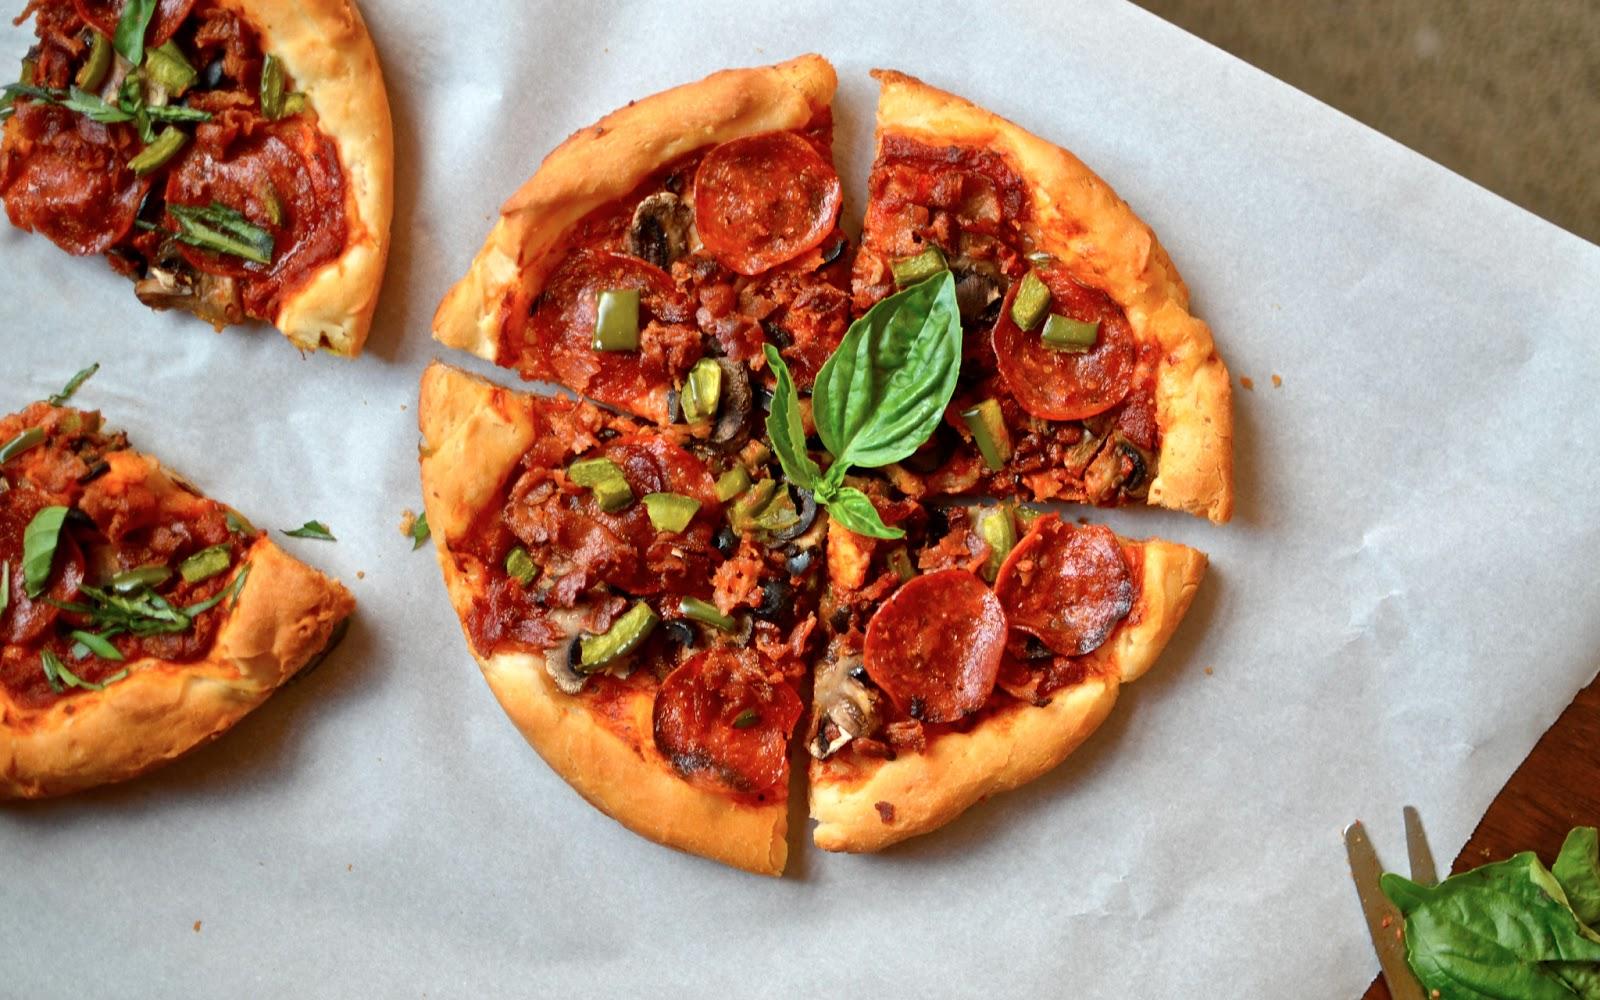 Yammies glutenfreedom pizza hut style pan pizza crust gluten free pizza hut style pan pizza crust gluten free copycat forumfinder Gallery